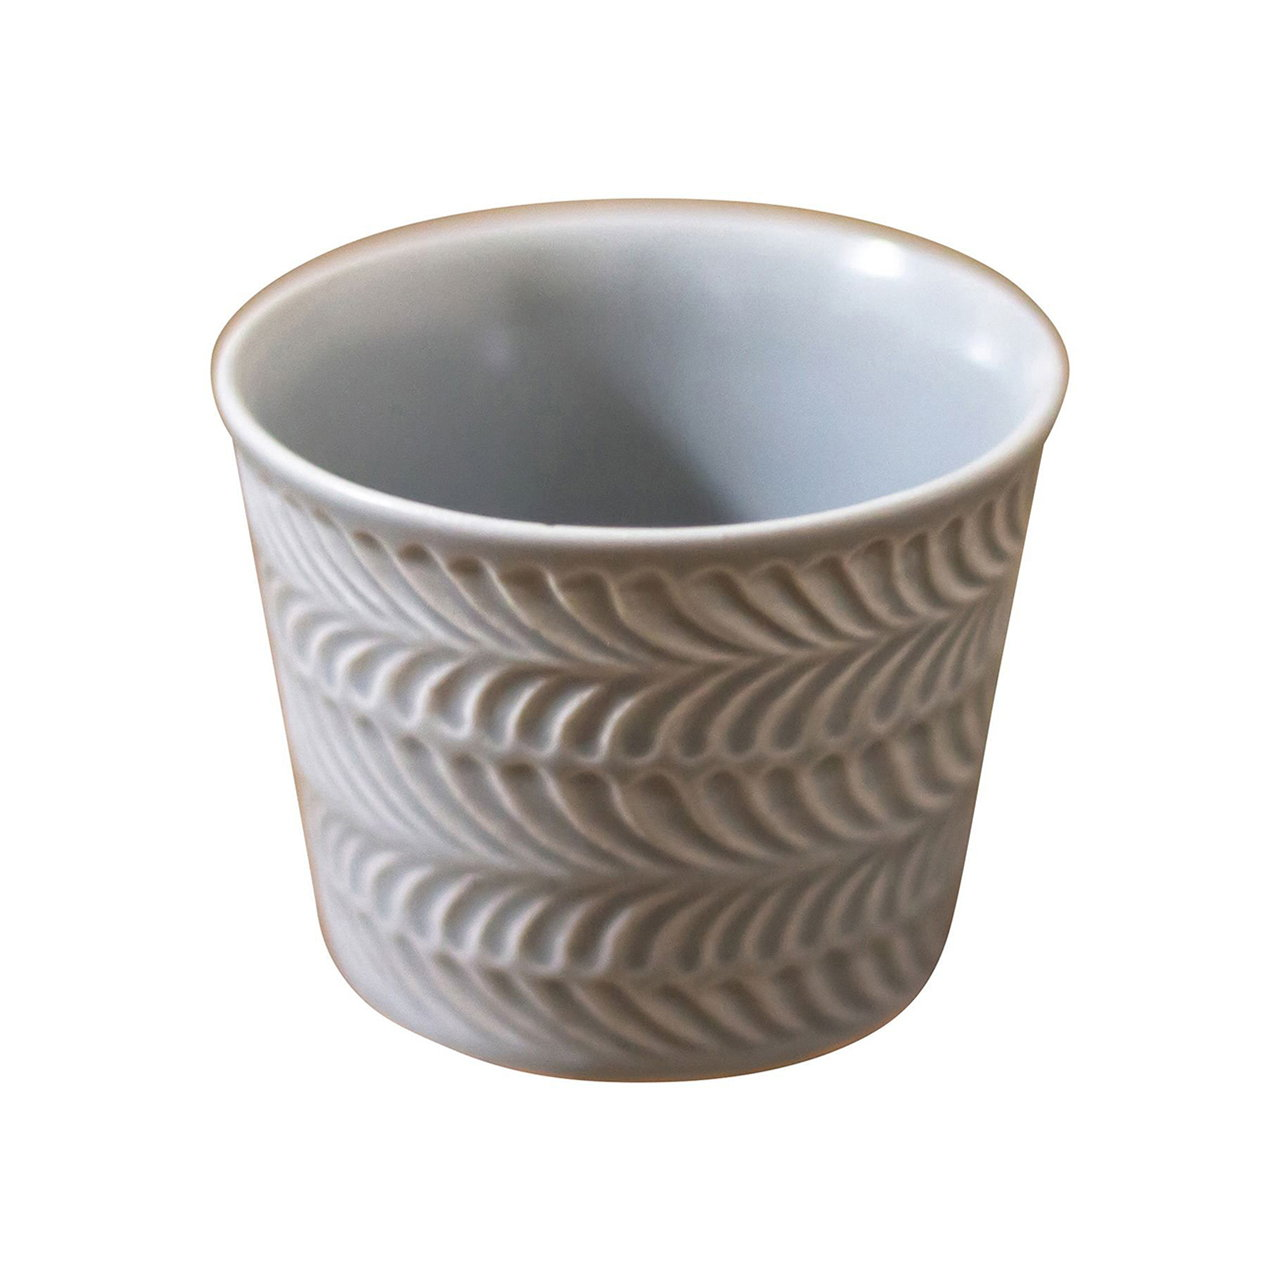 波佐見焼 翔芳窯 ローズマリー マルチカップ 約8cm 200ml マットグレー 33404